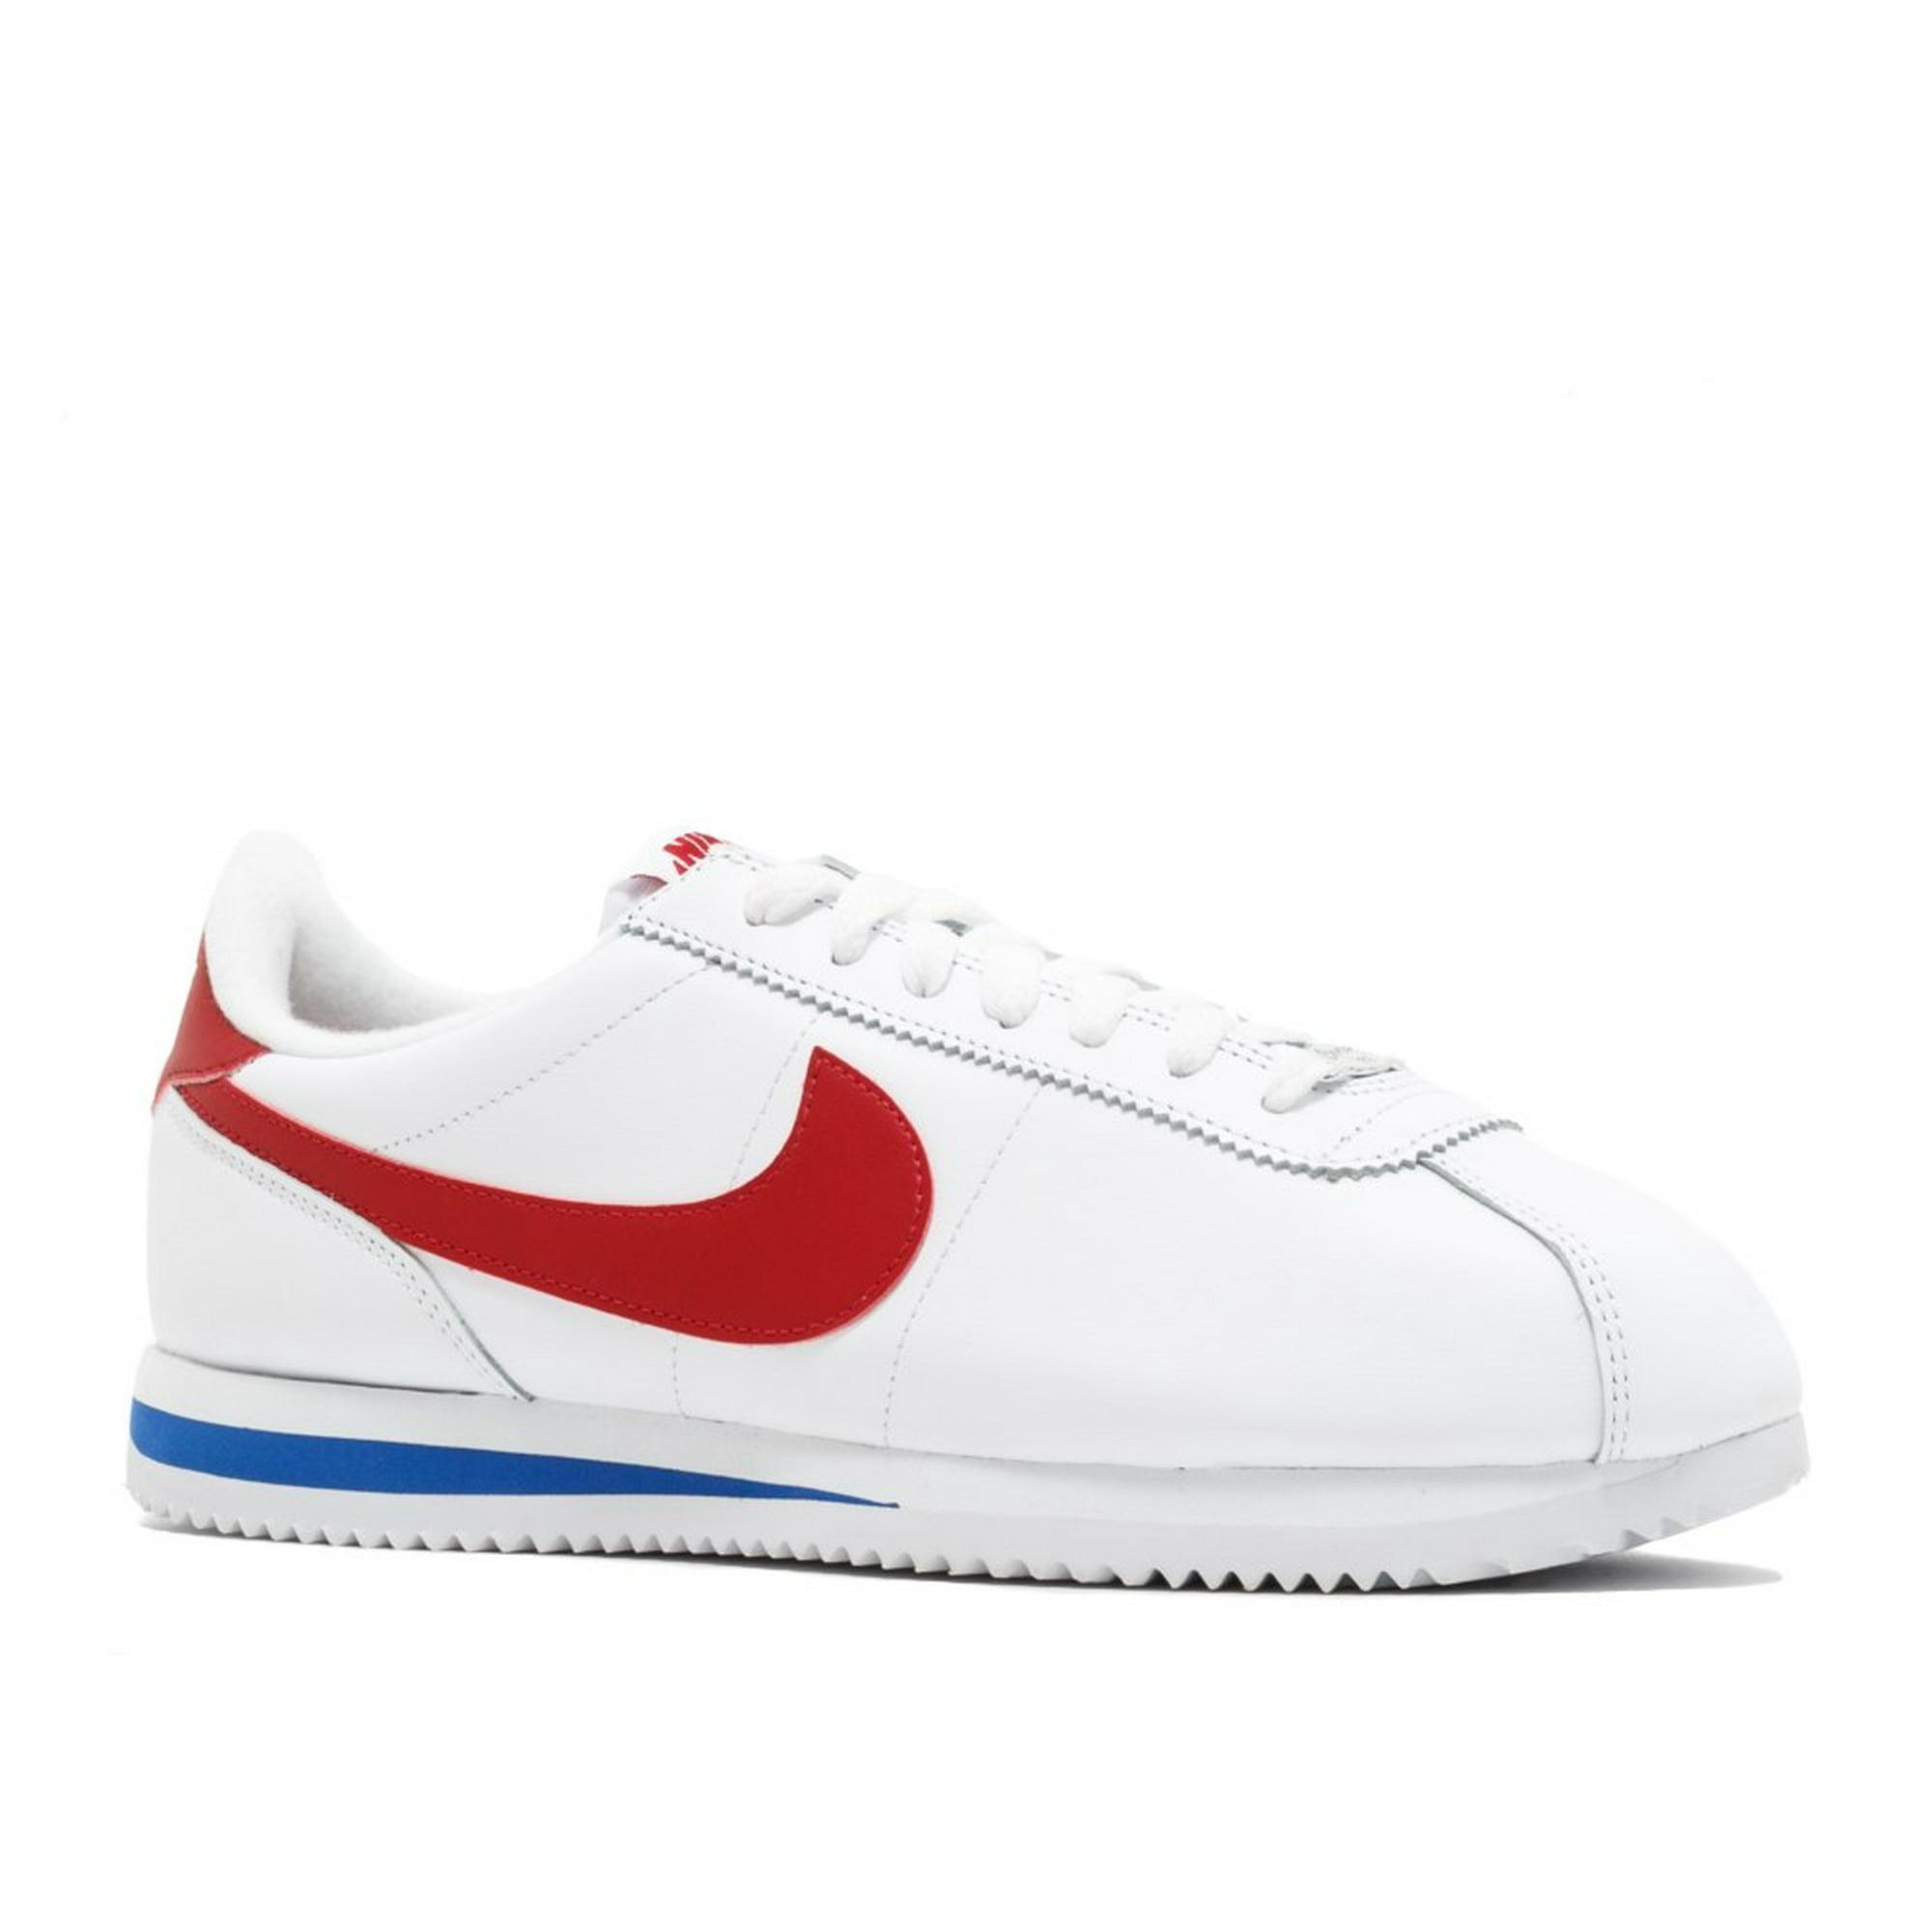 official photos 15bca 55a83 Nike - Men - Cortez Basic Leather Og 'Forrest Gump' - 882254-164 - Size 8